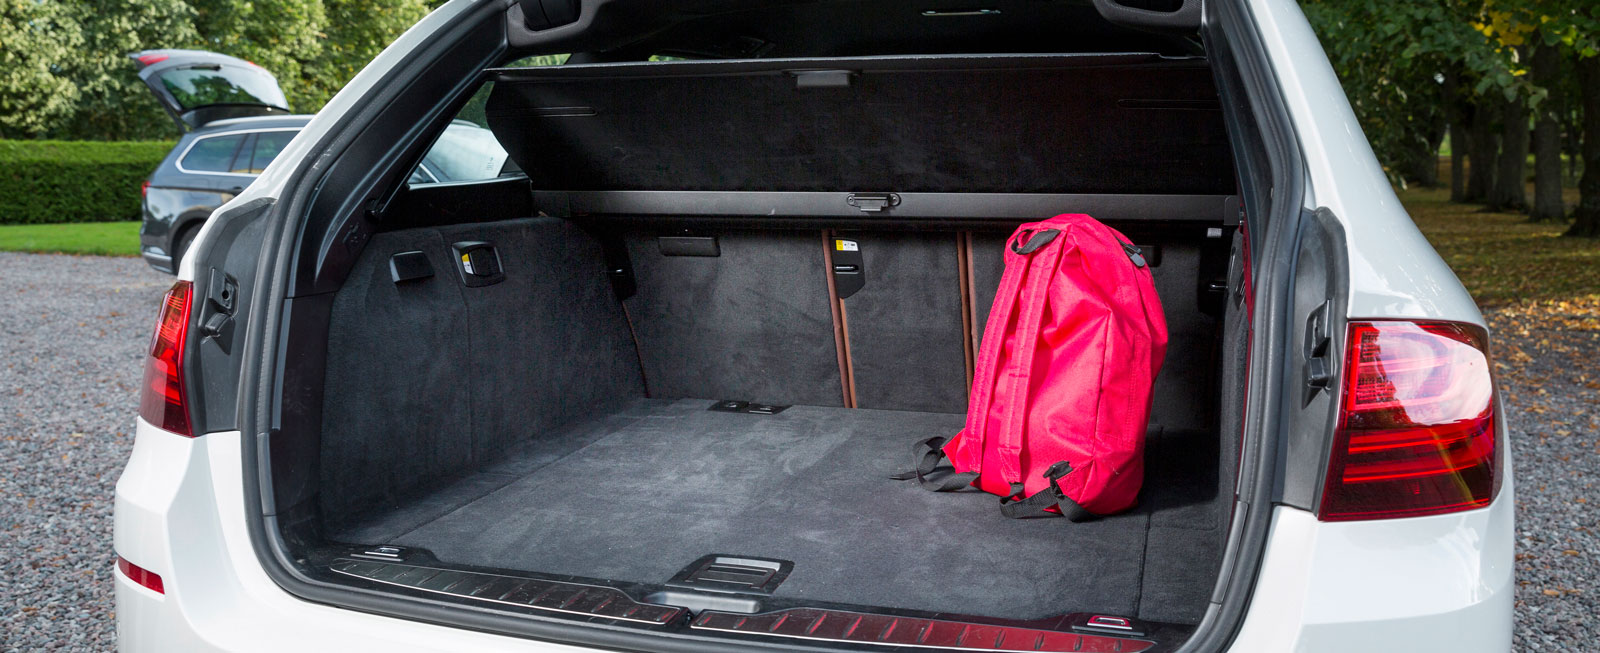 I BMW stjäl luckans gångjärn en hel del potentiellt utrymme, i övrigt är allting elegant utformat. Golvet hålls uppe av en gasdämpare när man vill komma åt ett (grunt) fack under. Mycket lätthanterlig enhet för bagagegardin/lastskyddsnät.